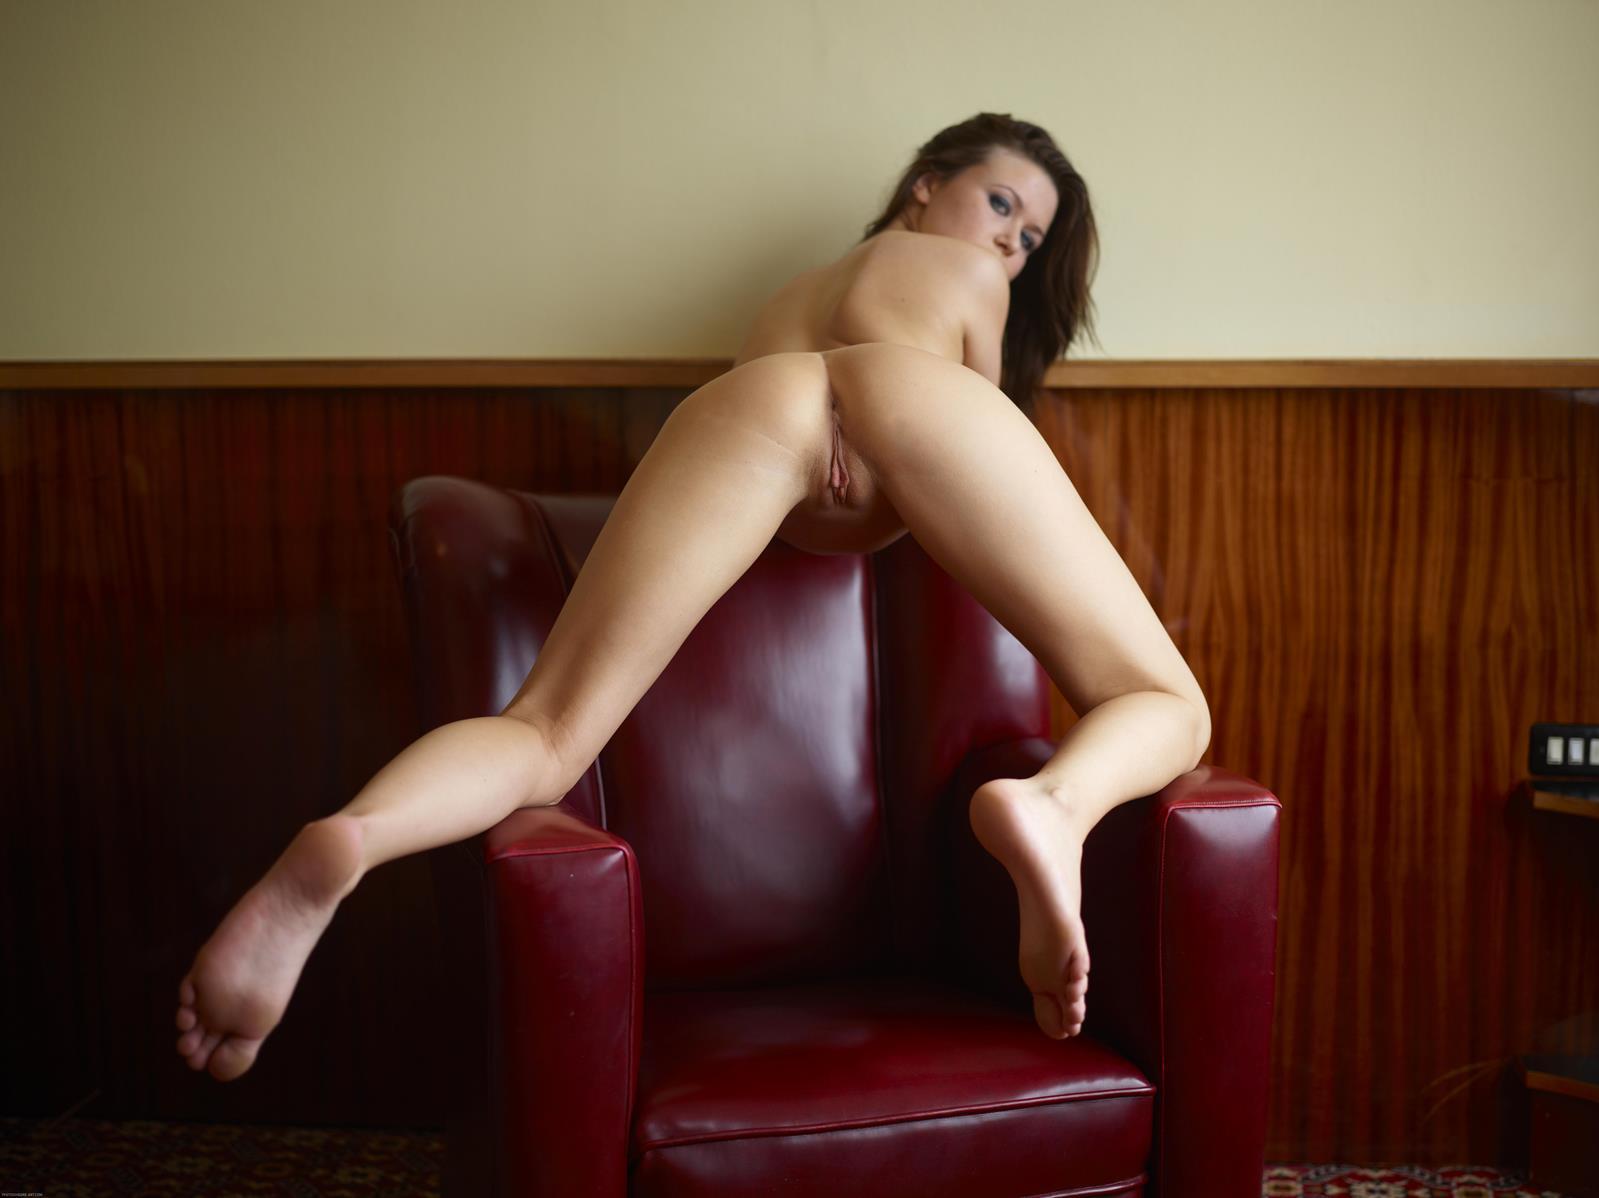 как раздвигать ноги на стуле нашем порно